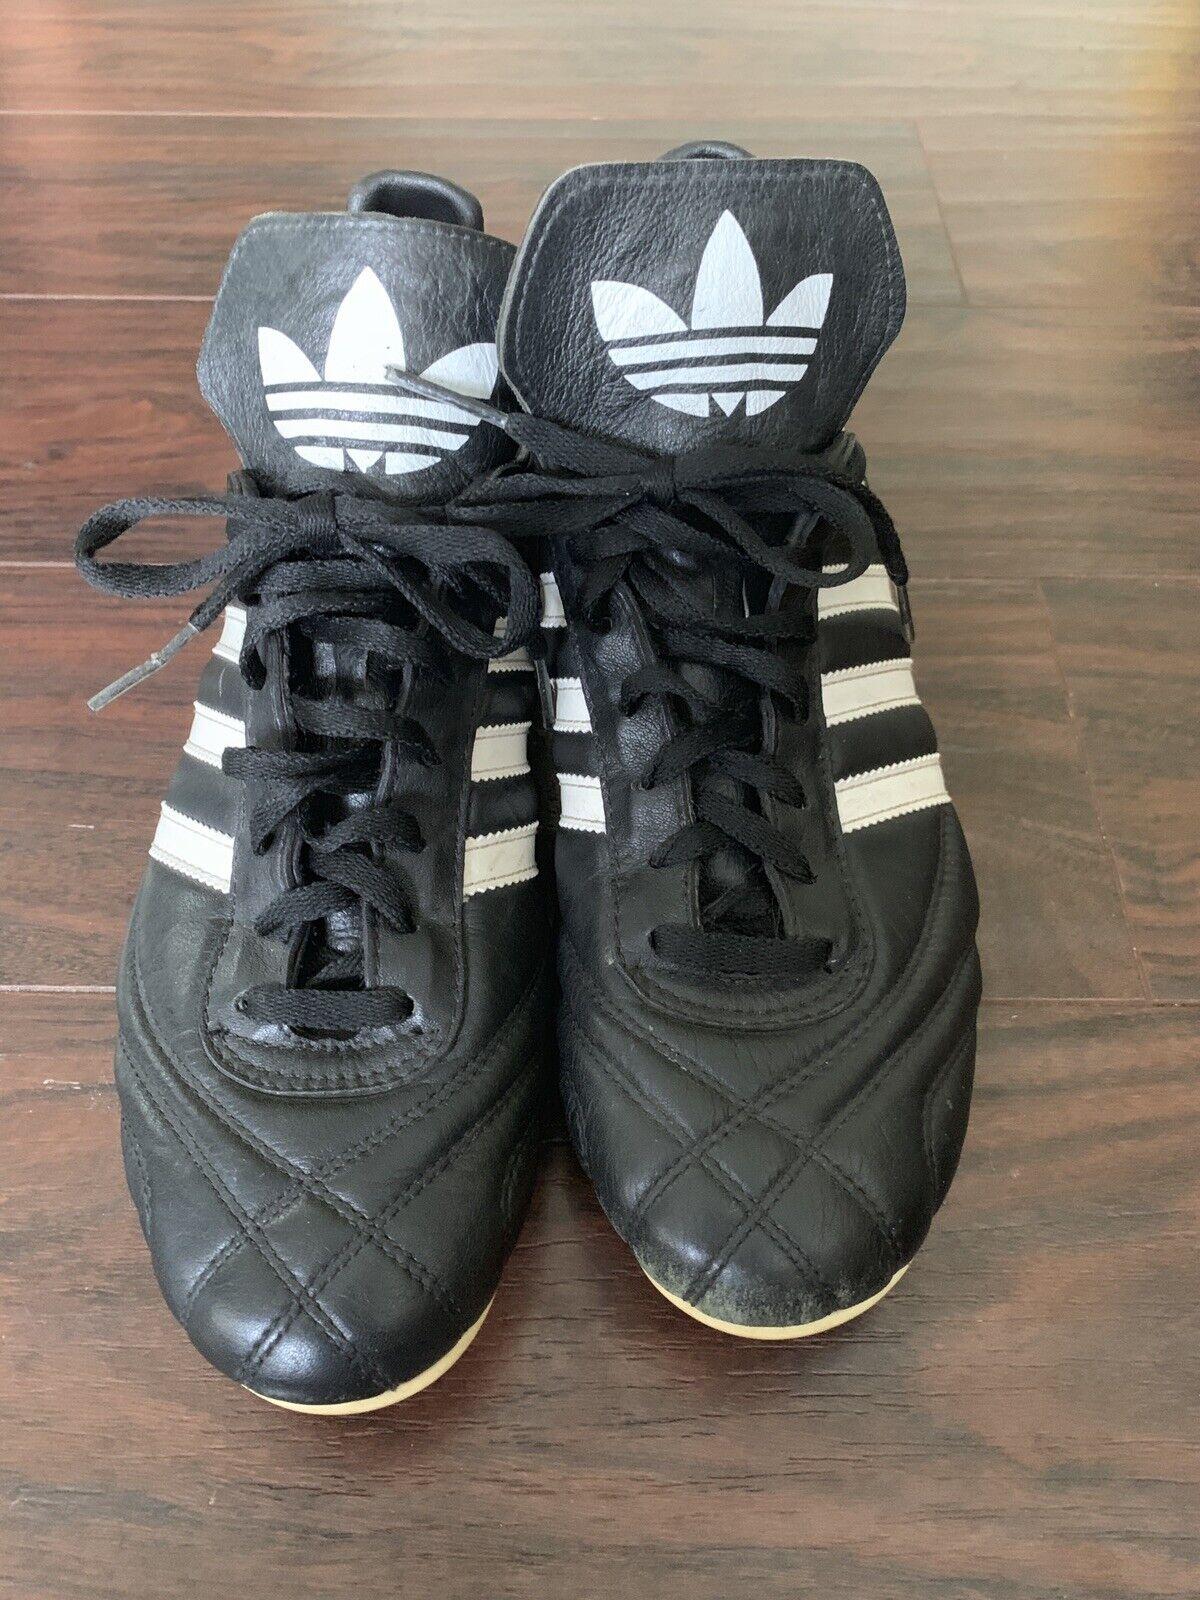 Vintage 90s Adidas Mens 8 Profi Trefoil Copa Leather Soccer shoes Cleats GUC